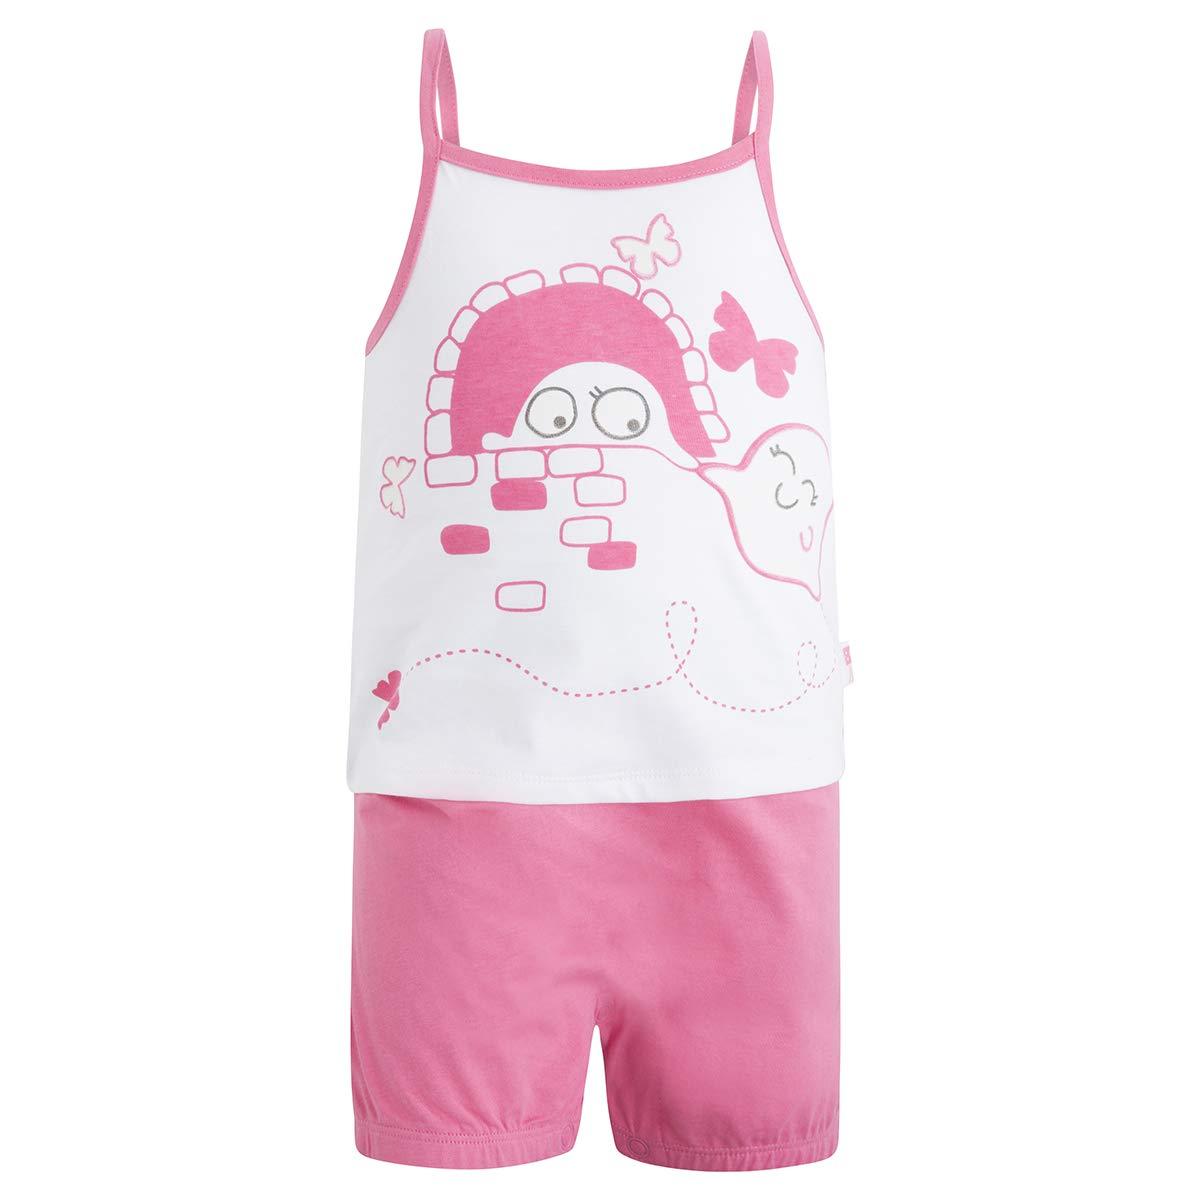 Canada House Pijama bbghost bebé niña, Talla 36m: Amazon.es ...